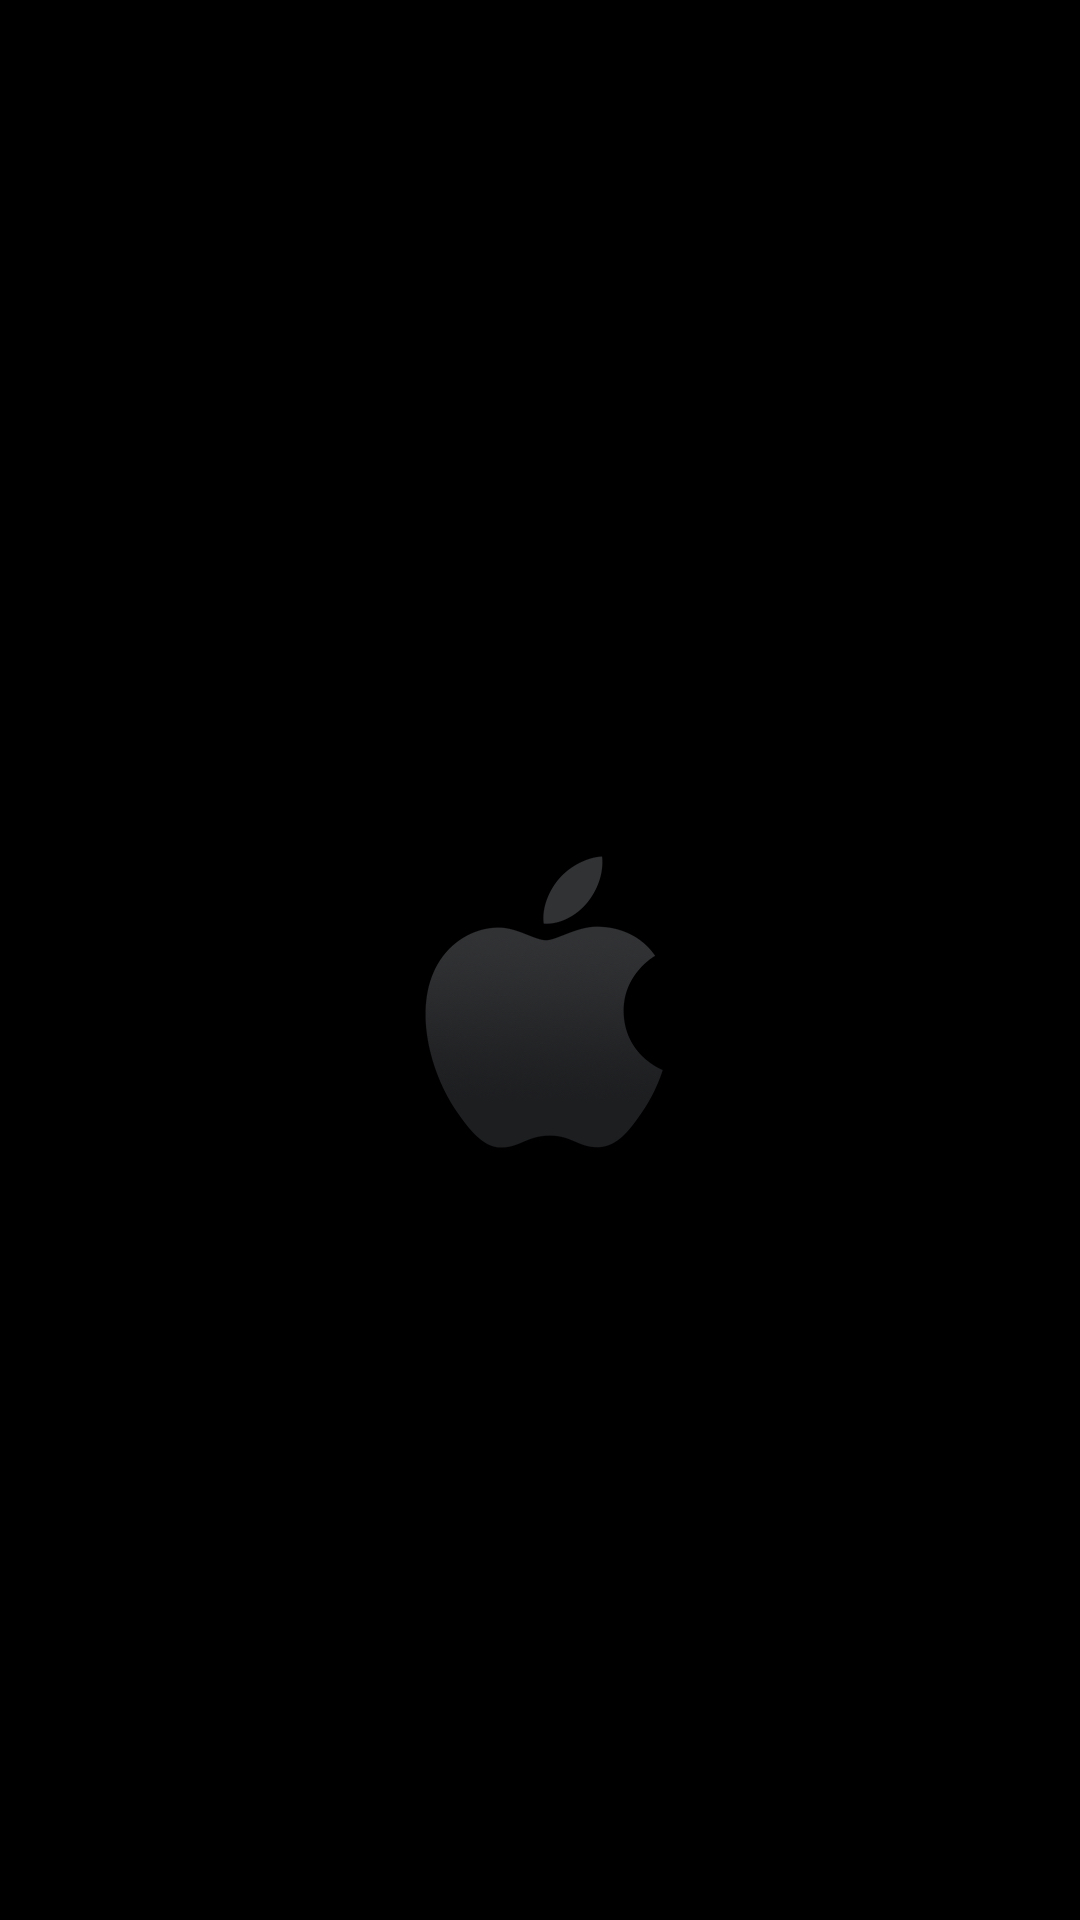 fond ecran noir iphone